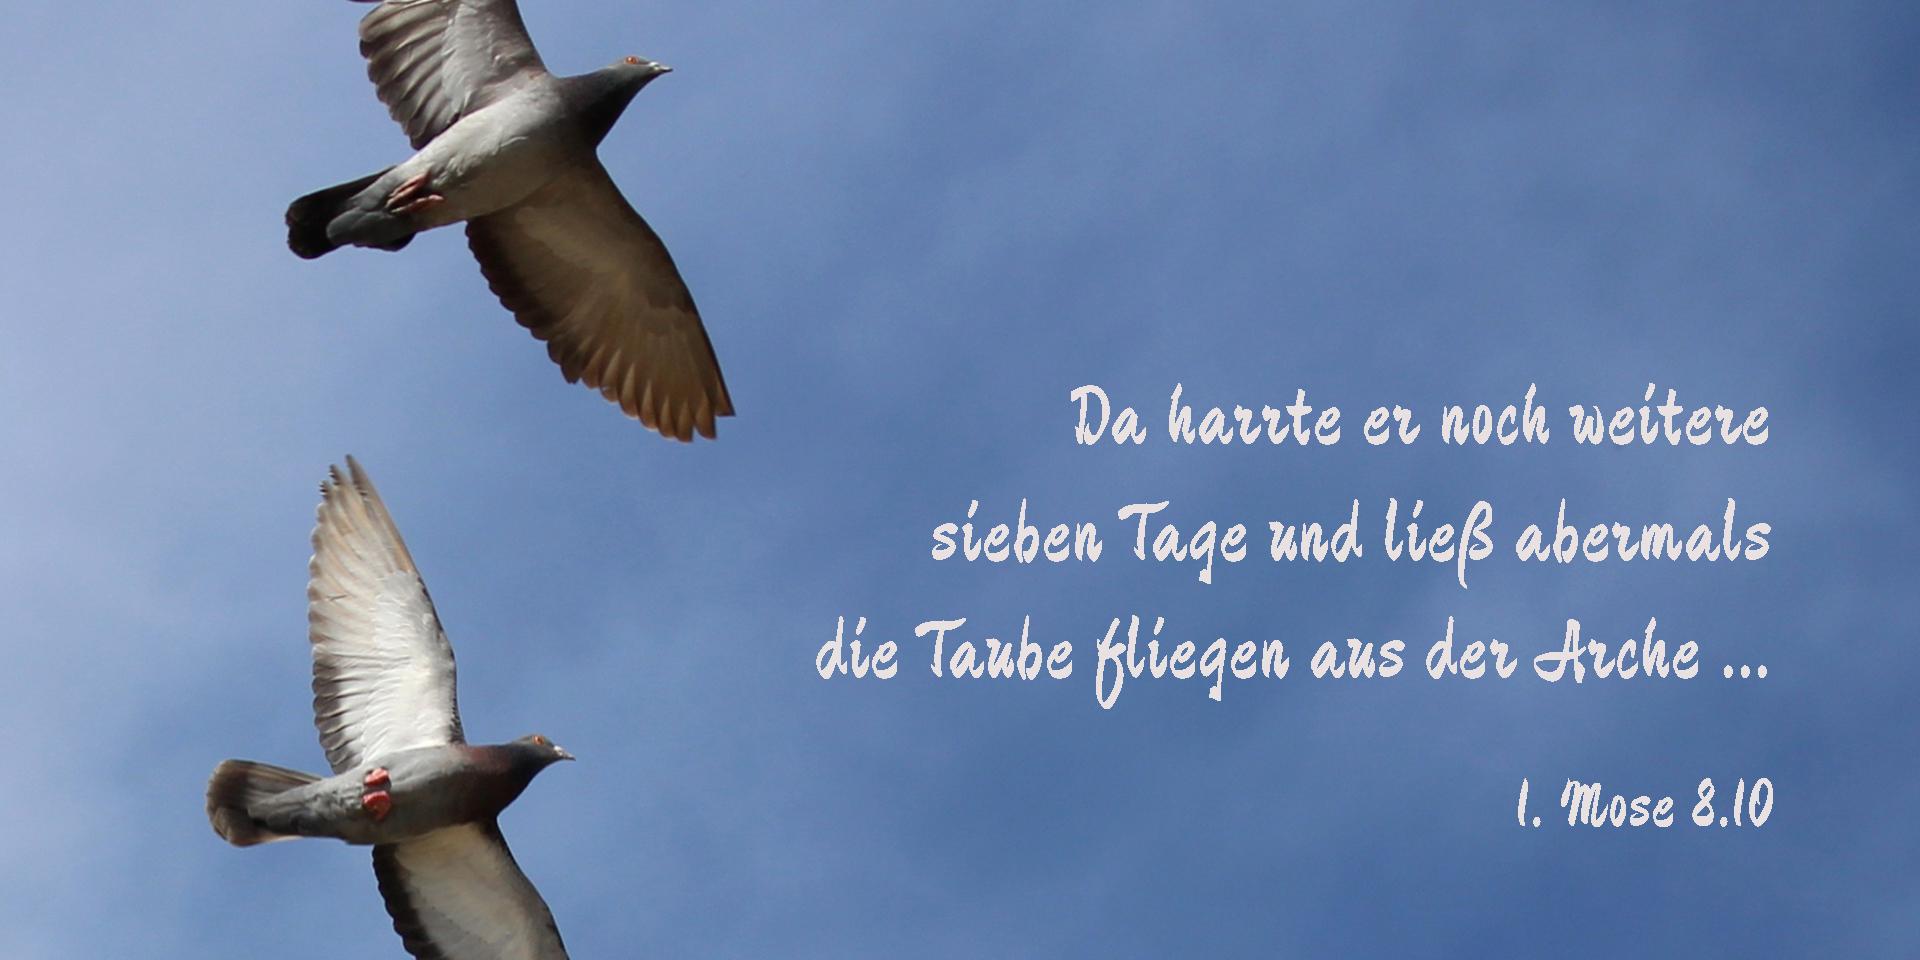 Fliegende Tauben, 1. Mose 8,10,© pixabay